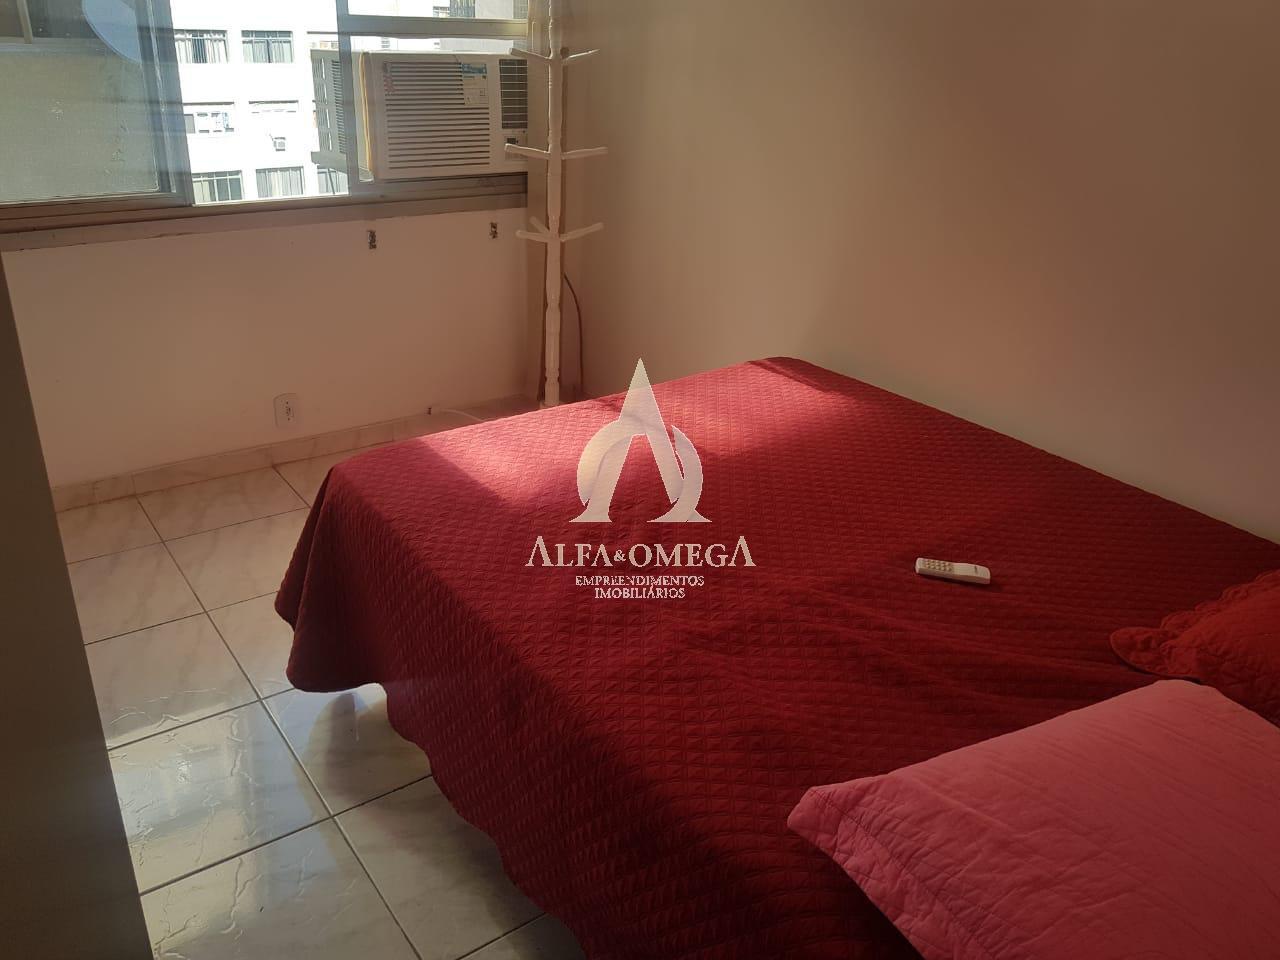 FOTO 3 - Apartamento Copacabana,Rio de Janeiro,RJ À Venda,2 Quartos,80m² - AO20408 - 3